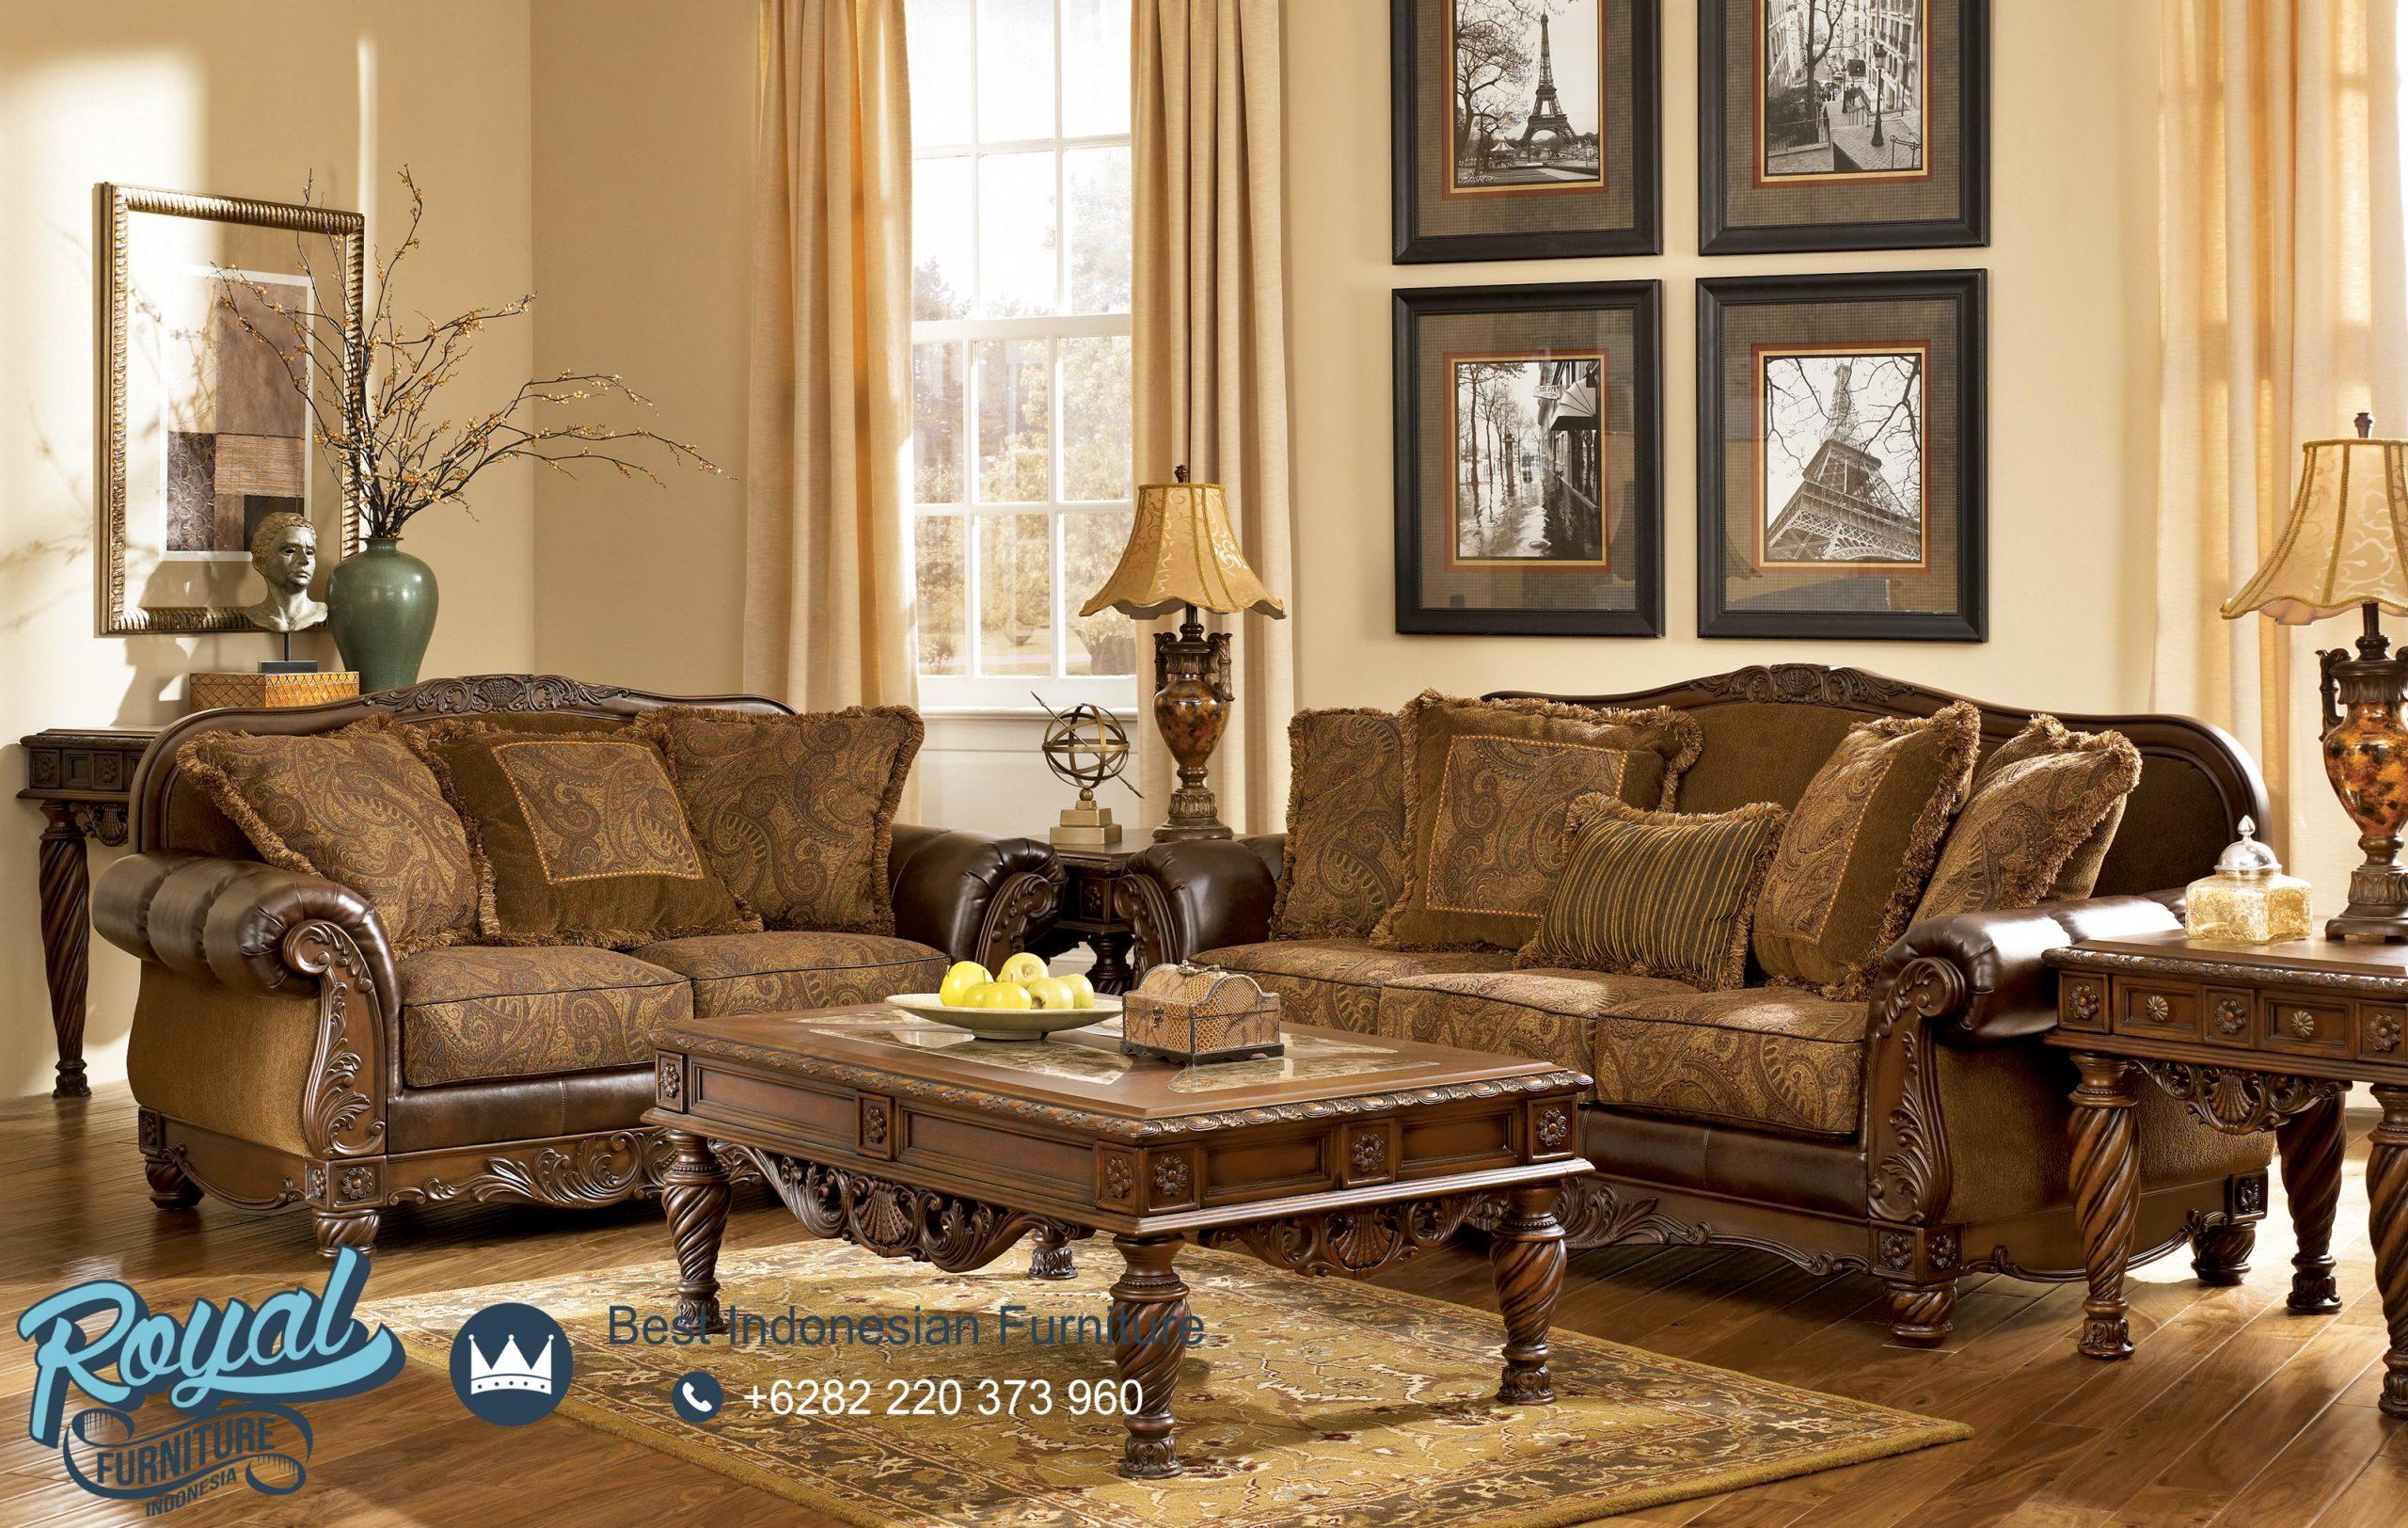 Desain Kursi Tamu Jati Ukir Klasik Traditional, sofa tamu mewah terbaru, sofa klasik mewah, sofa mewah terbaru, sofa mewah kulit asli, sofa mewah modern, model sofa mewah dan elegan, sofa mewah minimalis terbaru, jual sofa mewah murah, harga sofa terbaru jati jepara, gambar sofa mewah, sofa ruang tamu mewah dan luas, sofa ruang tamu ukir jepara terbaru, kursi tamu jati jepara terbaru, sofa tamu klasik mewah, sofa tamu mewah, sofa ruang tamu terbaru, kursi ruang tamu mewah, sofa mewah modern, sofa ruang tamu kecil, sofa ruang tamu elegan, desain sofa ruang tamu klasik eropa, toko furniture jepara, jual furniture jati jepara, mebel jepara terbaru, royal furniture